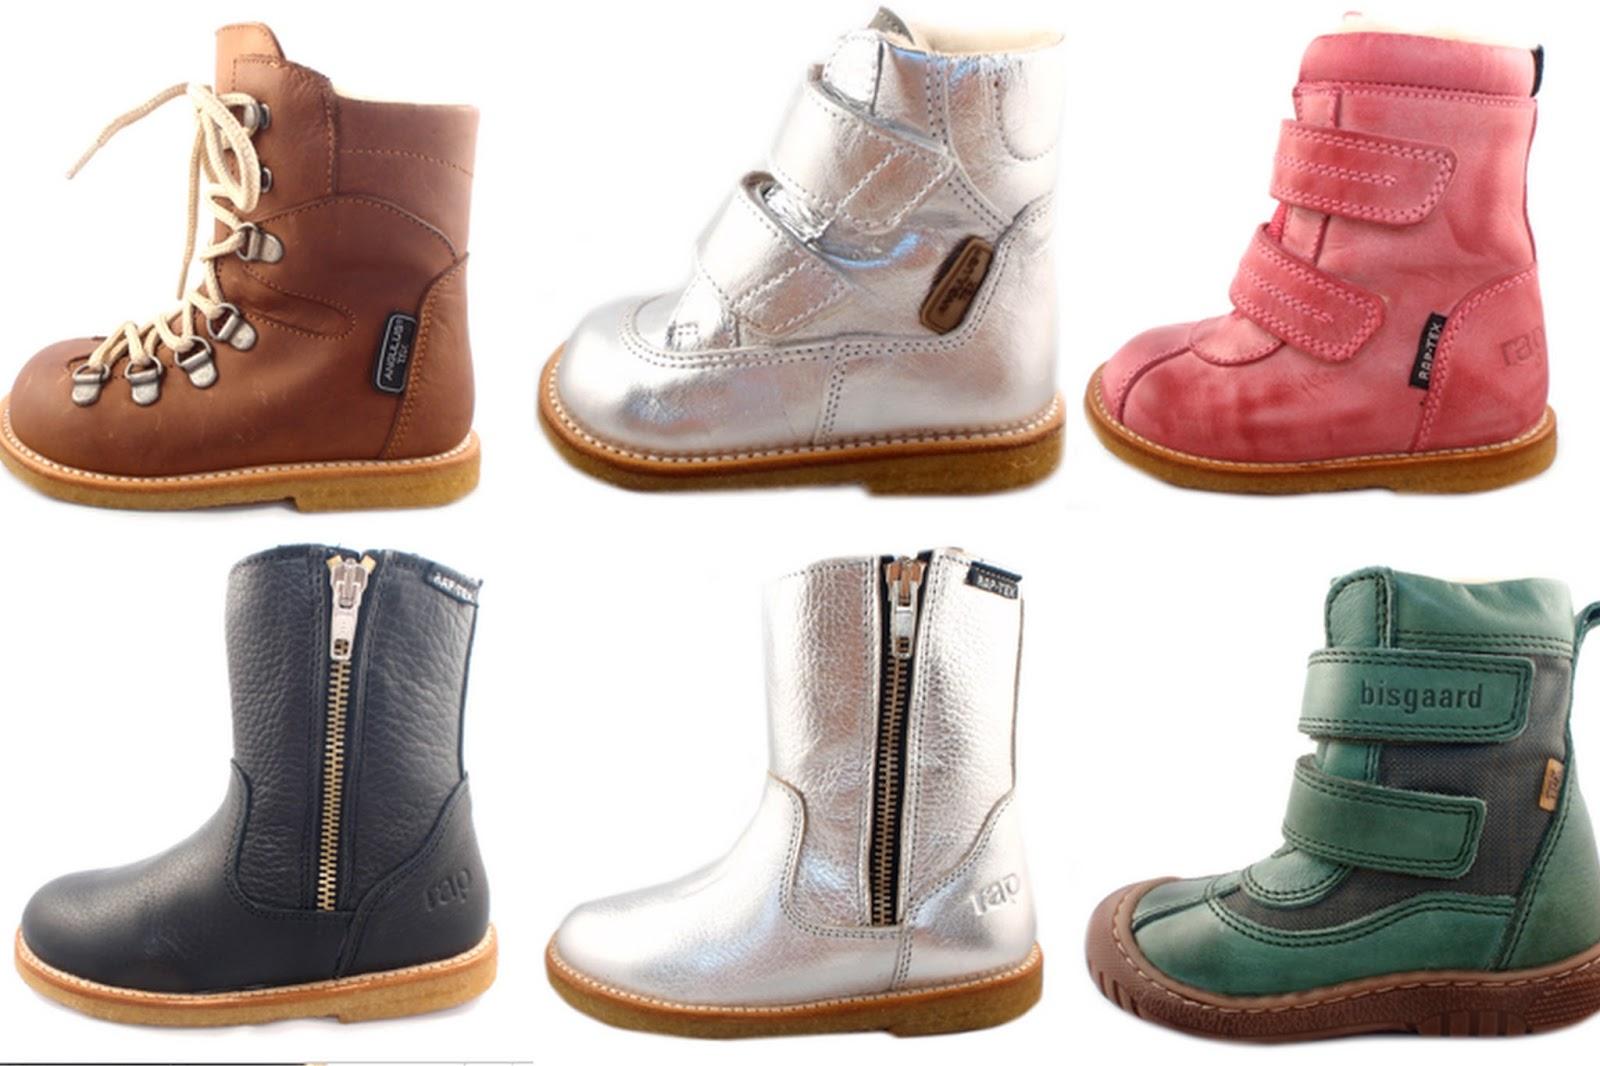 bundgaard vinterstøvler tilbud